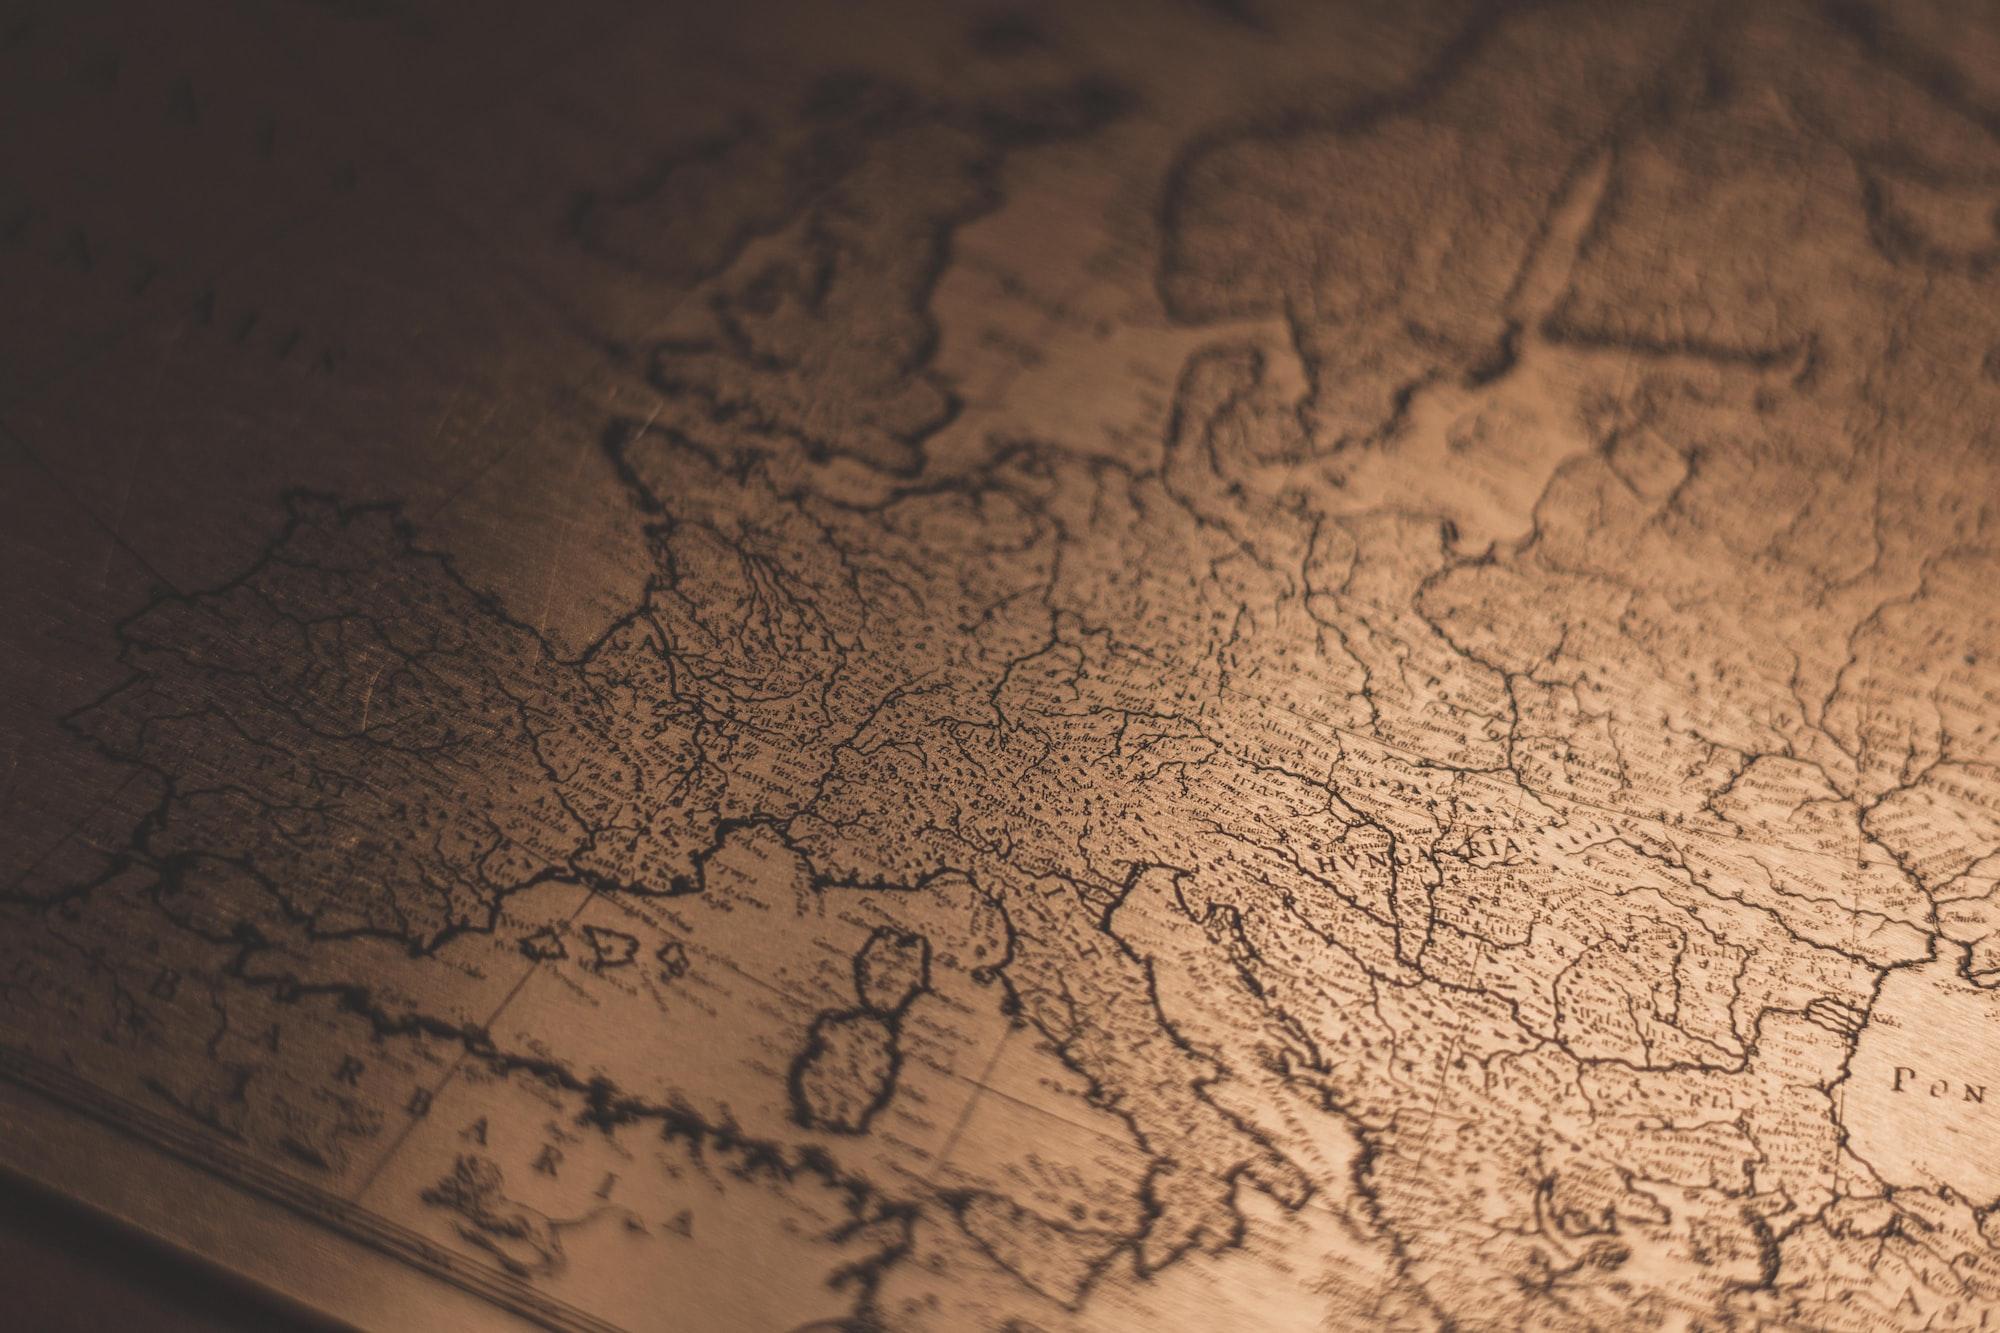 Europe in Metal pt. 3